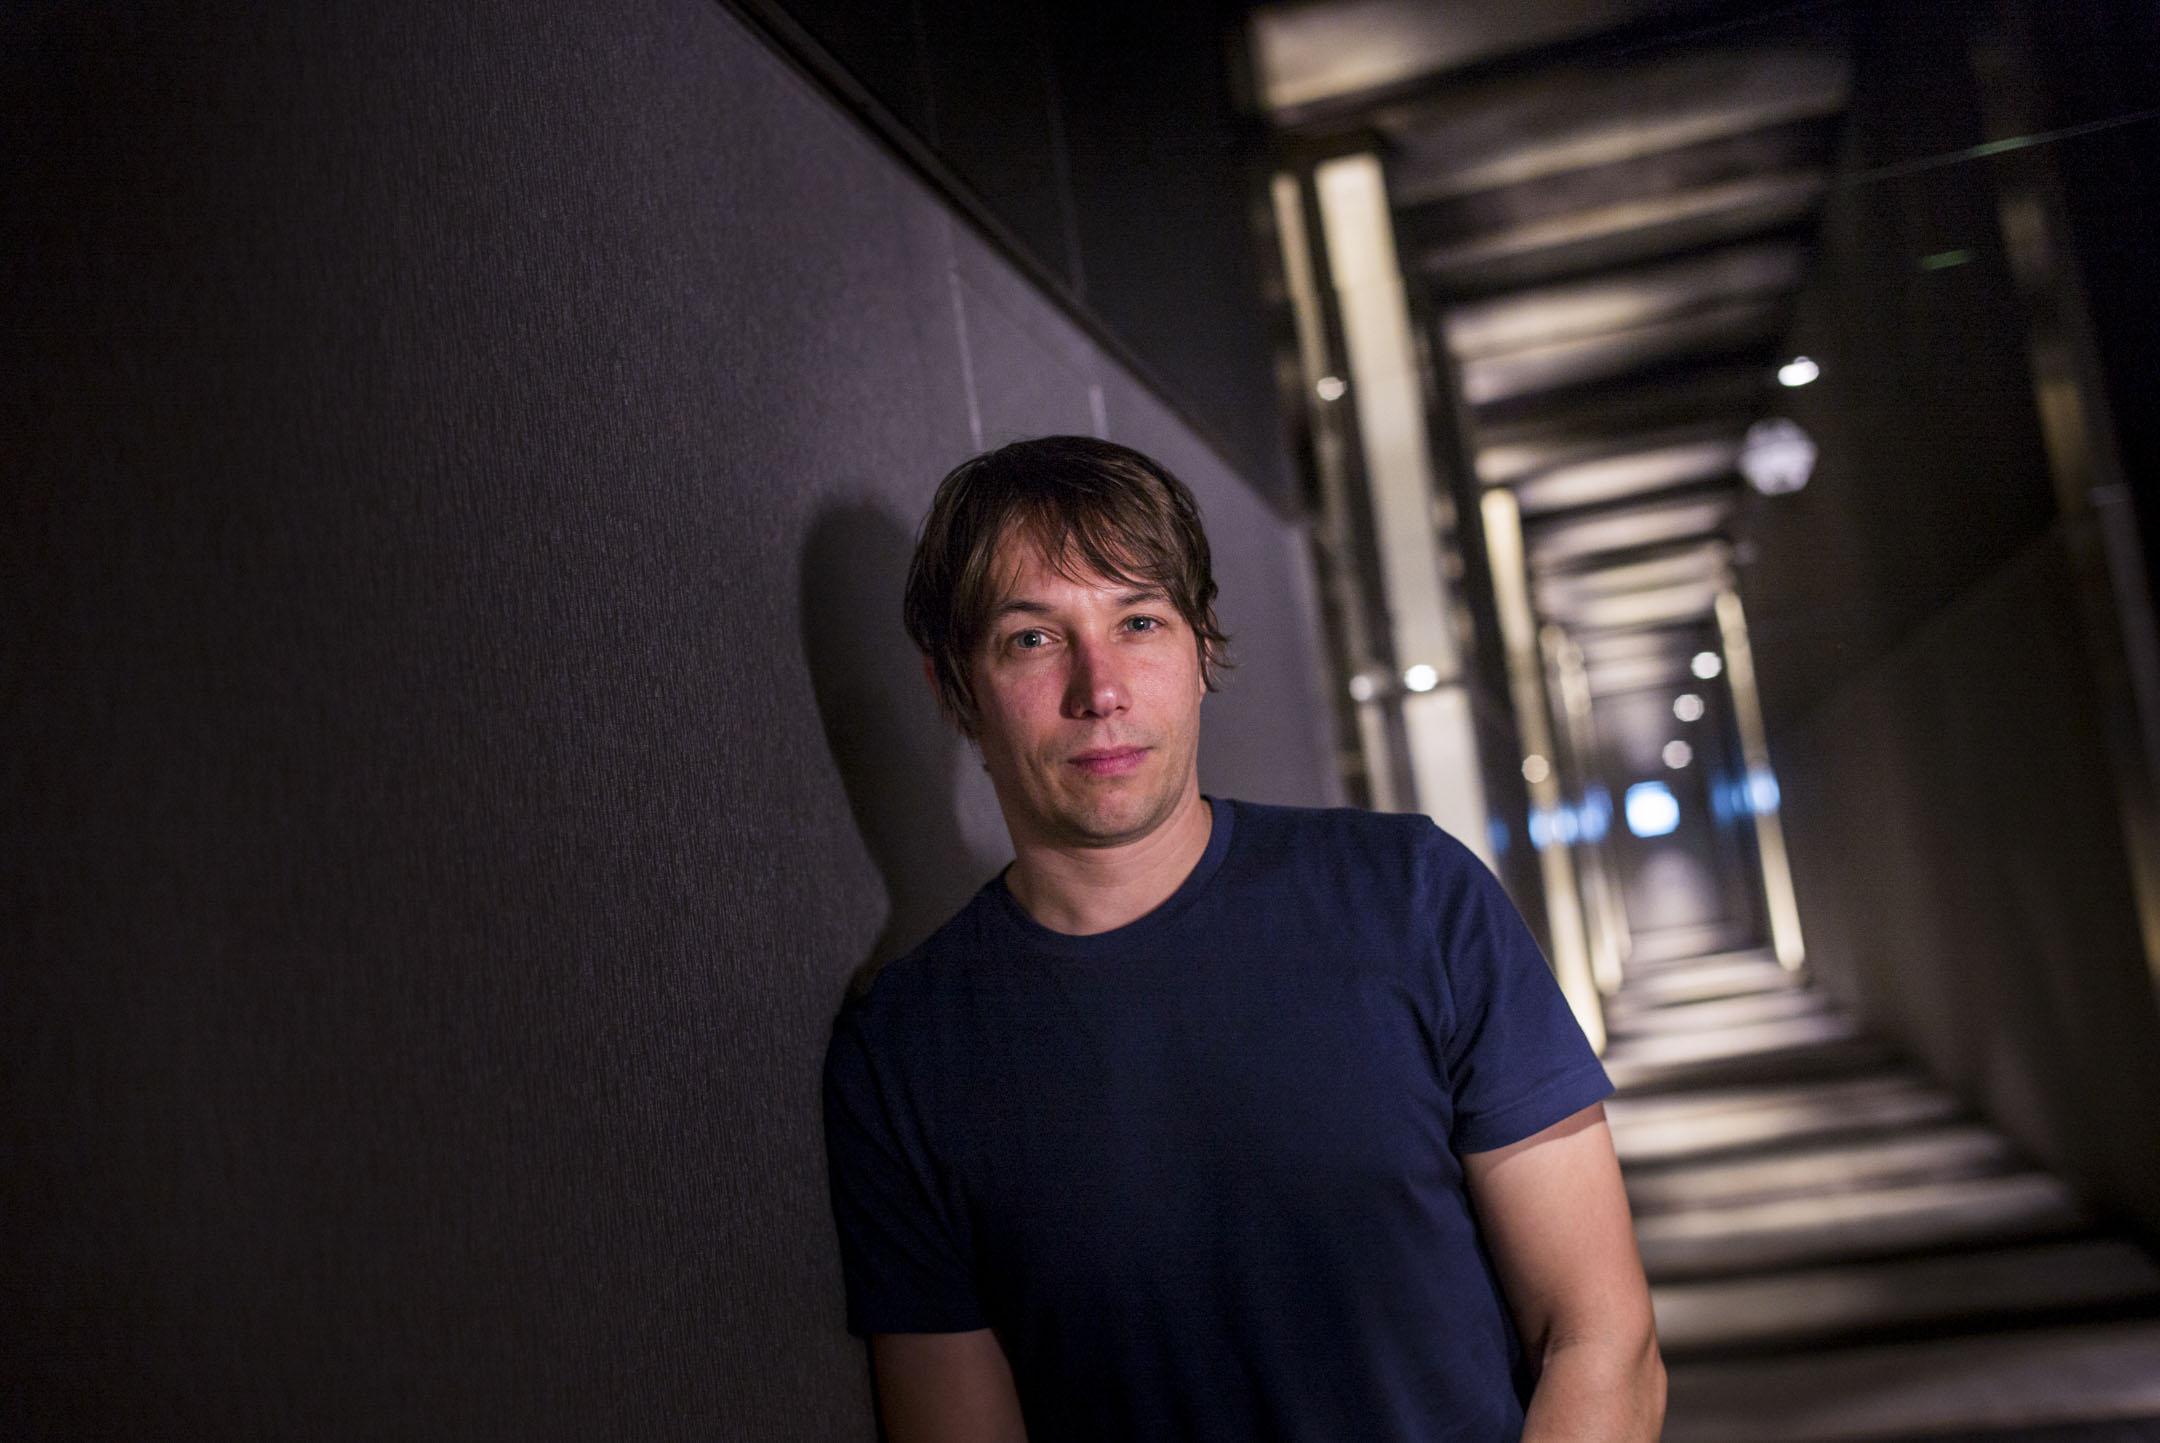 美國獨立導演Sean Baker,1971年生於美國新澤西州,就讀紐約大學電影系,以其擅長的低成本製作活躍於美國獨立電影圈。 攝:林振東/端傳媒